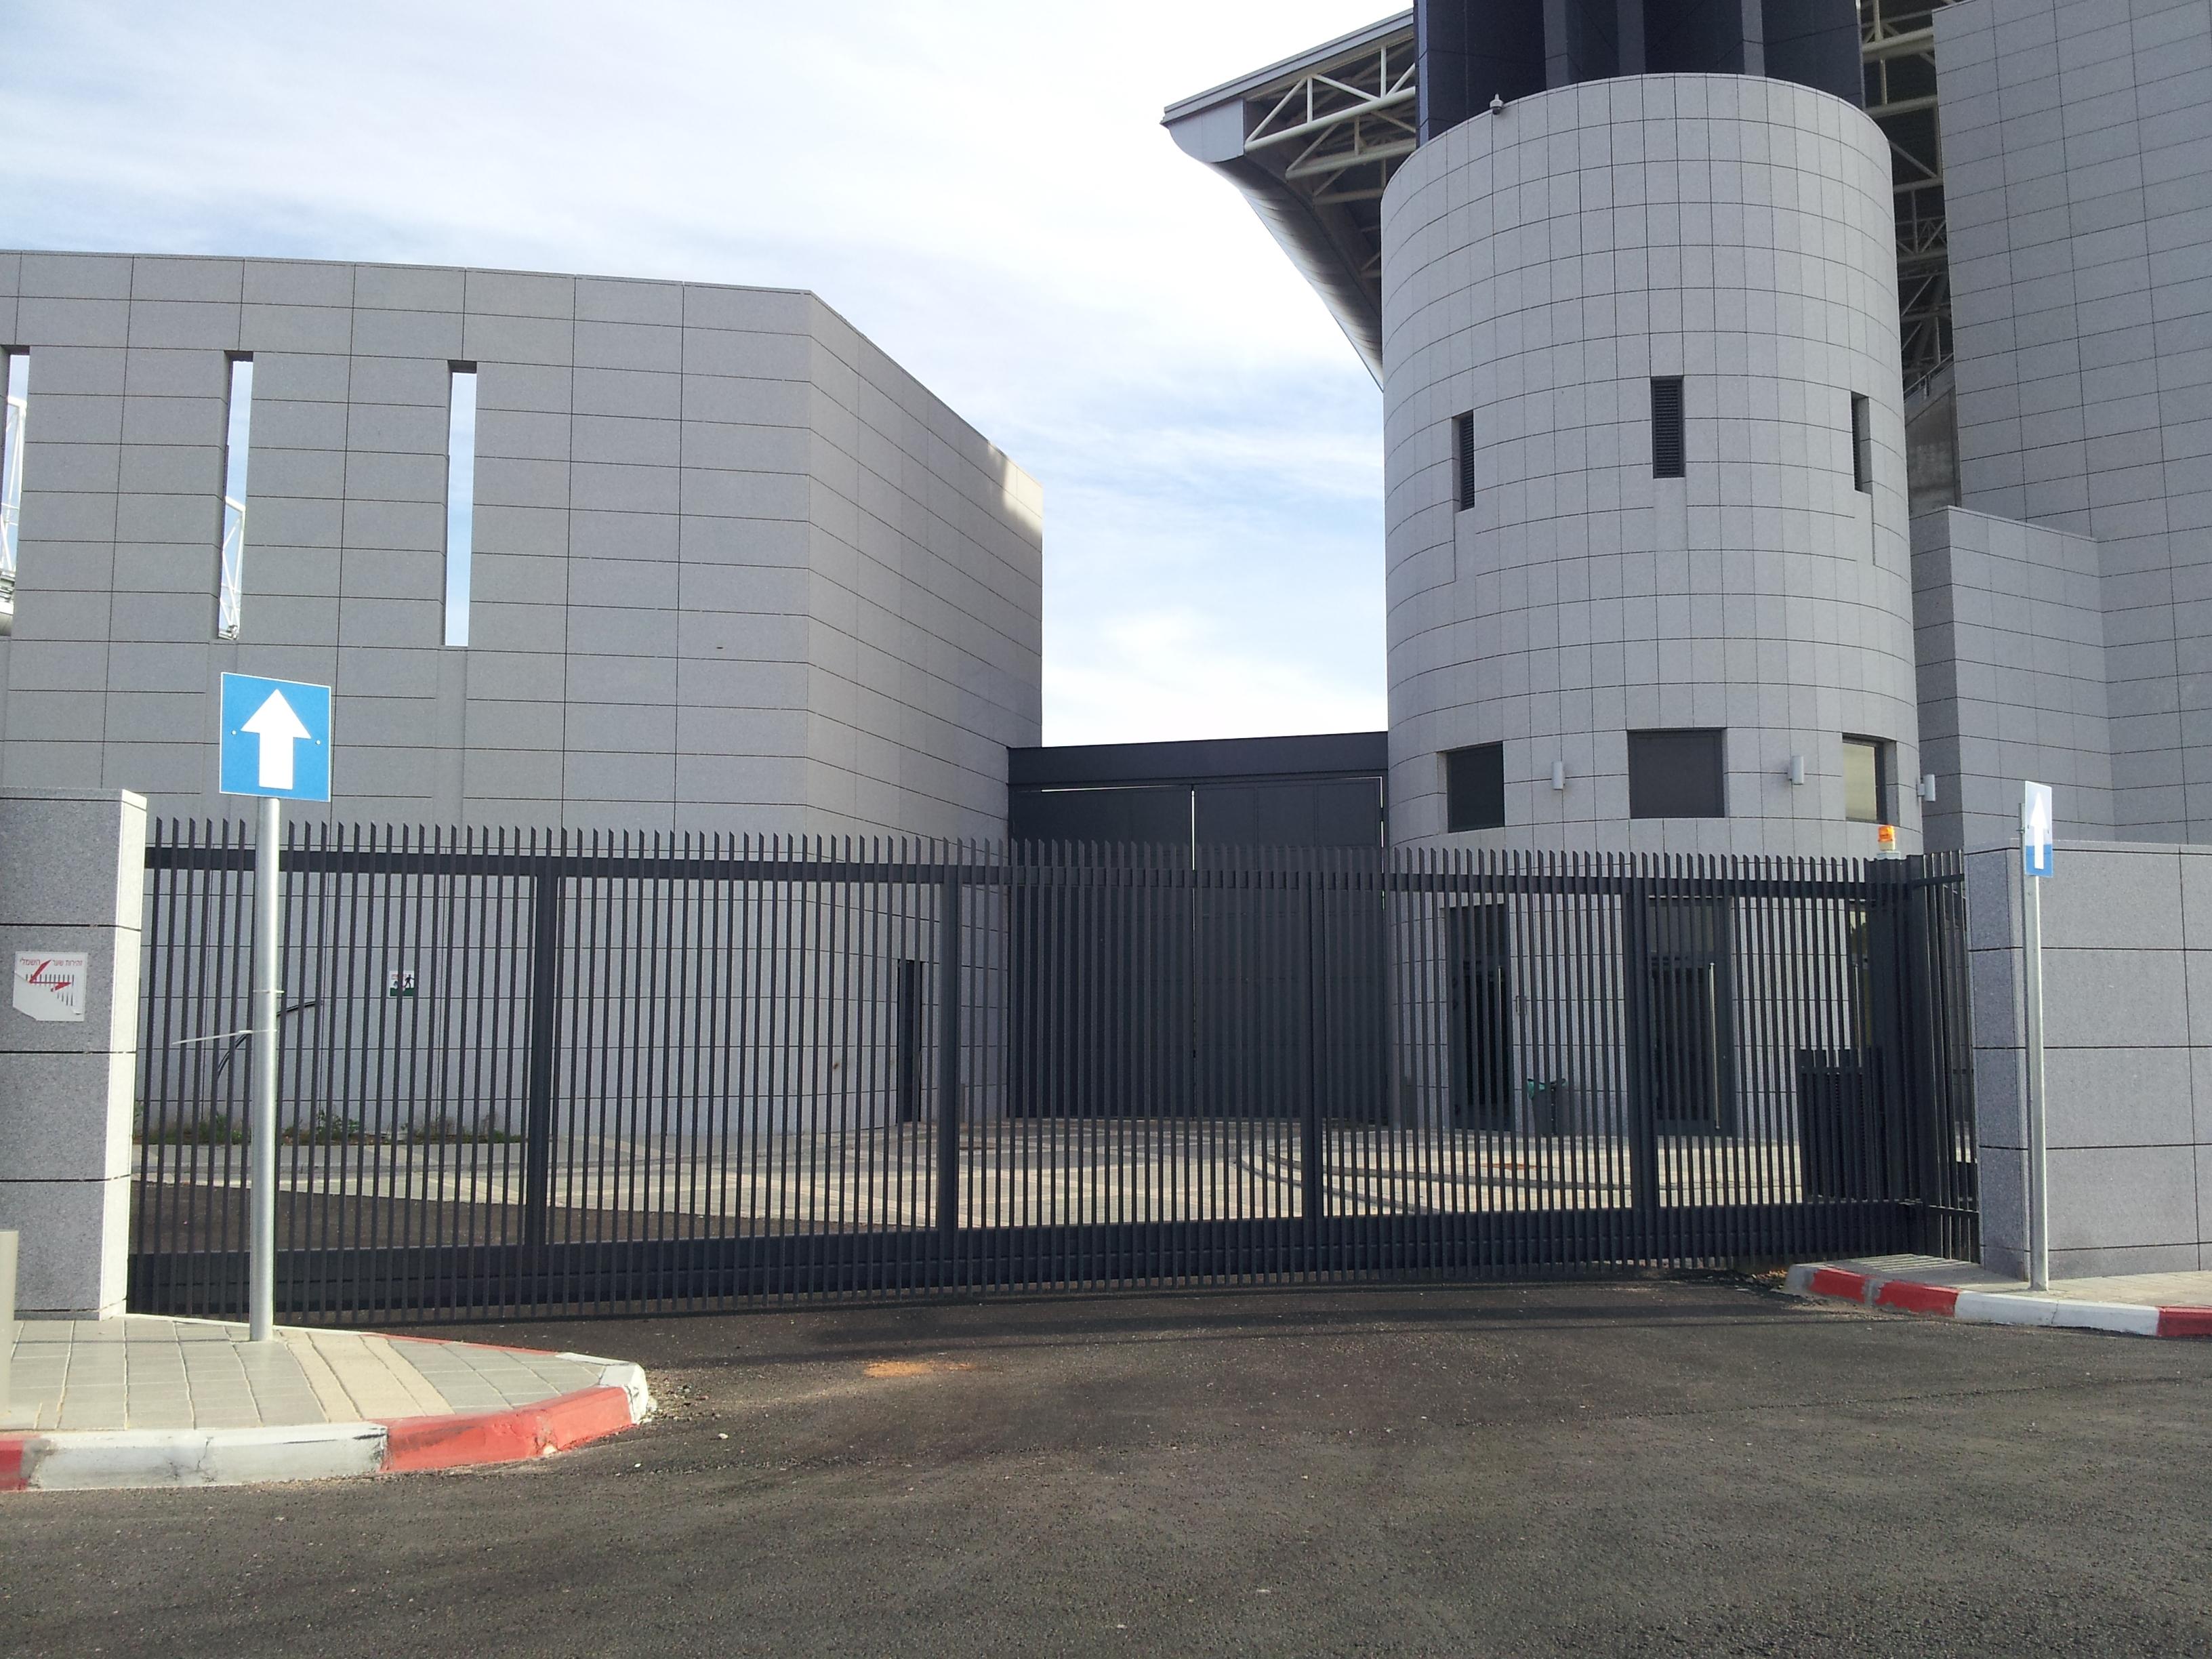 שער קונזולי 11 מטר איצטדיון נתניה